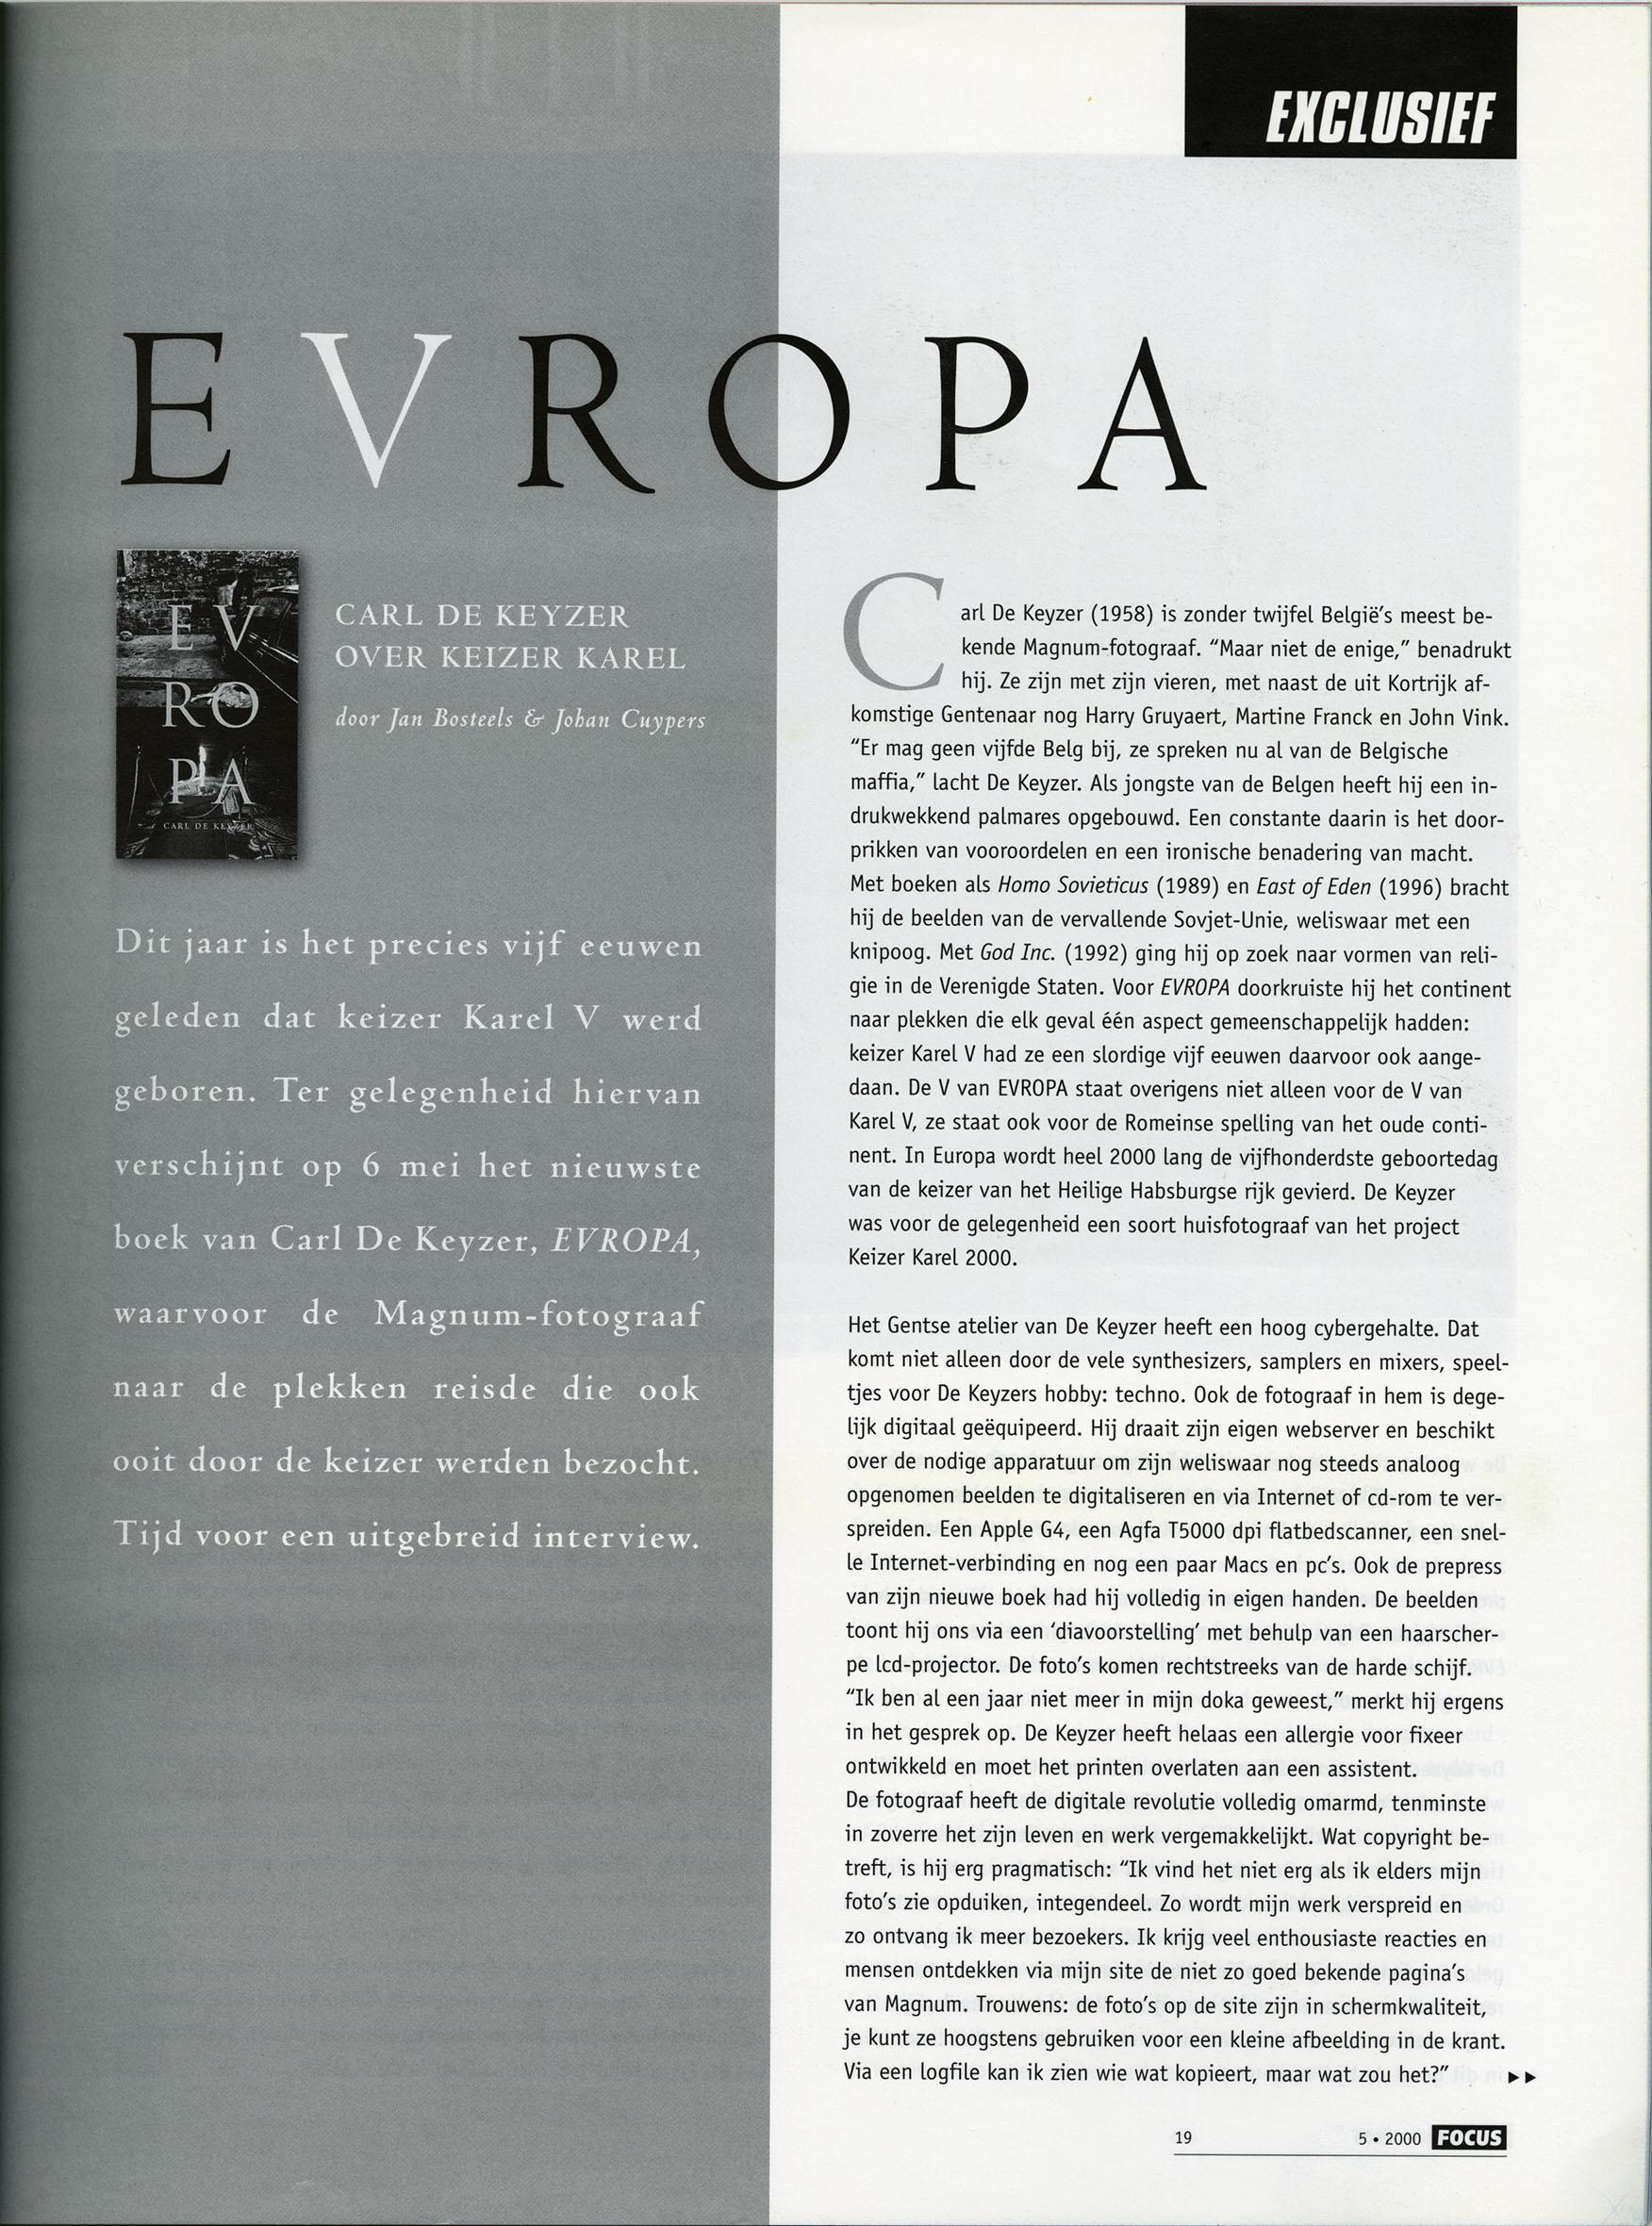 Focus (EVROPA)